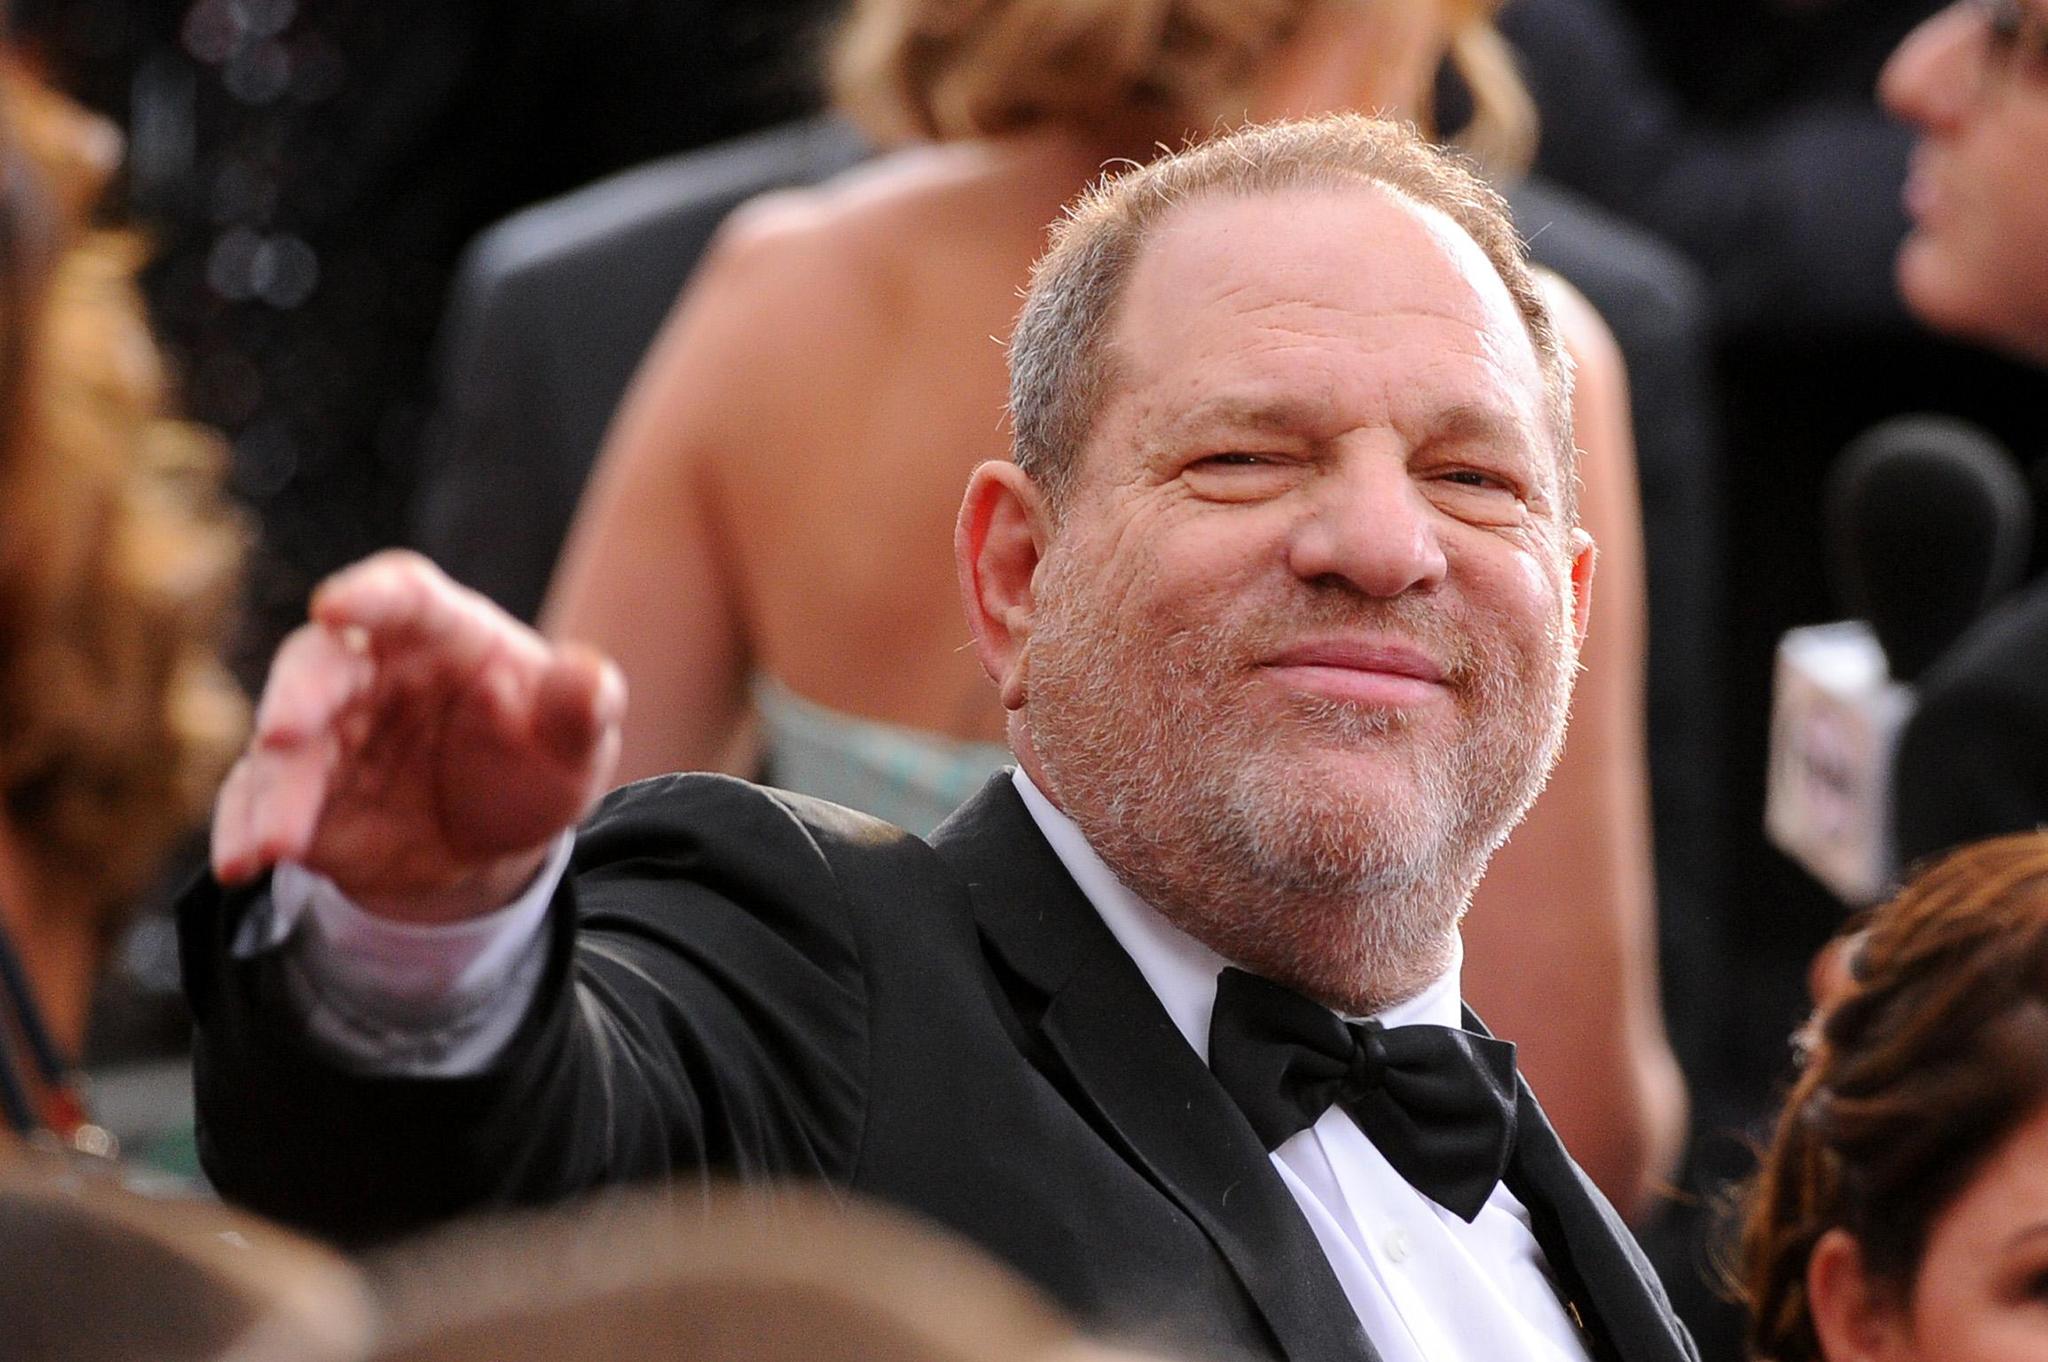 Produtora de cinema Weinstein Company vai declarar falência